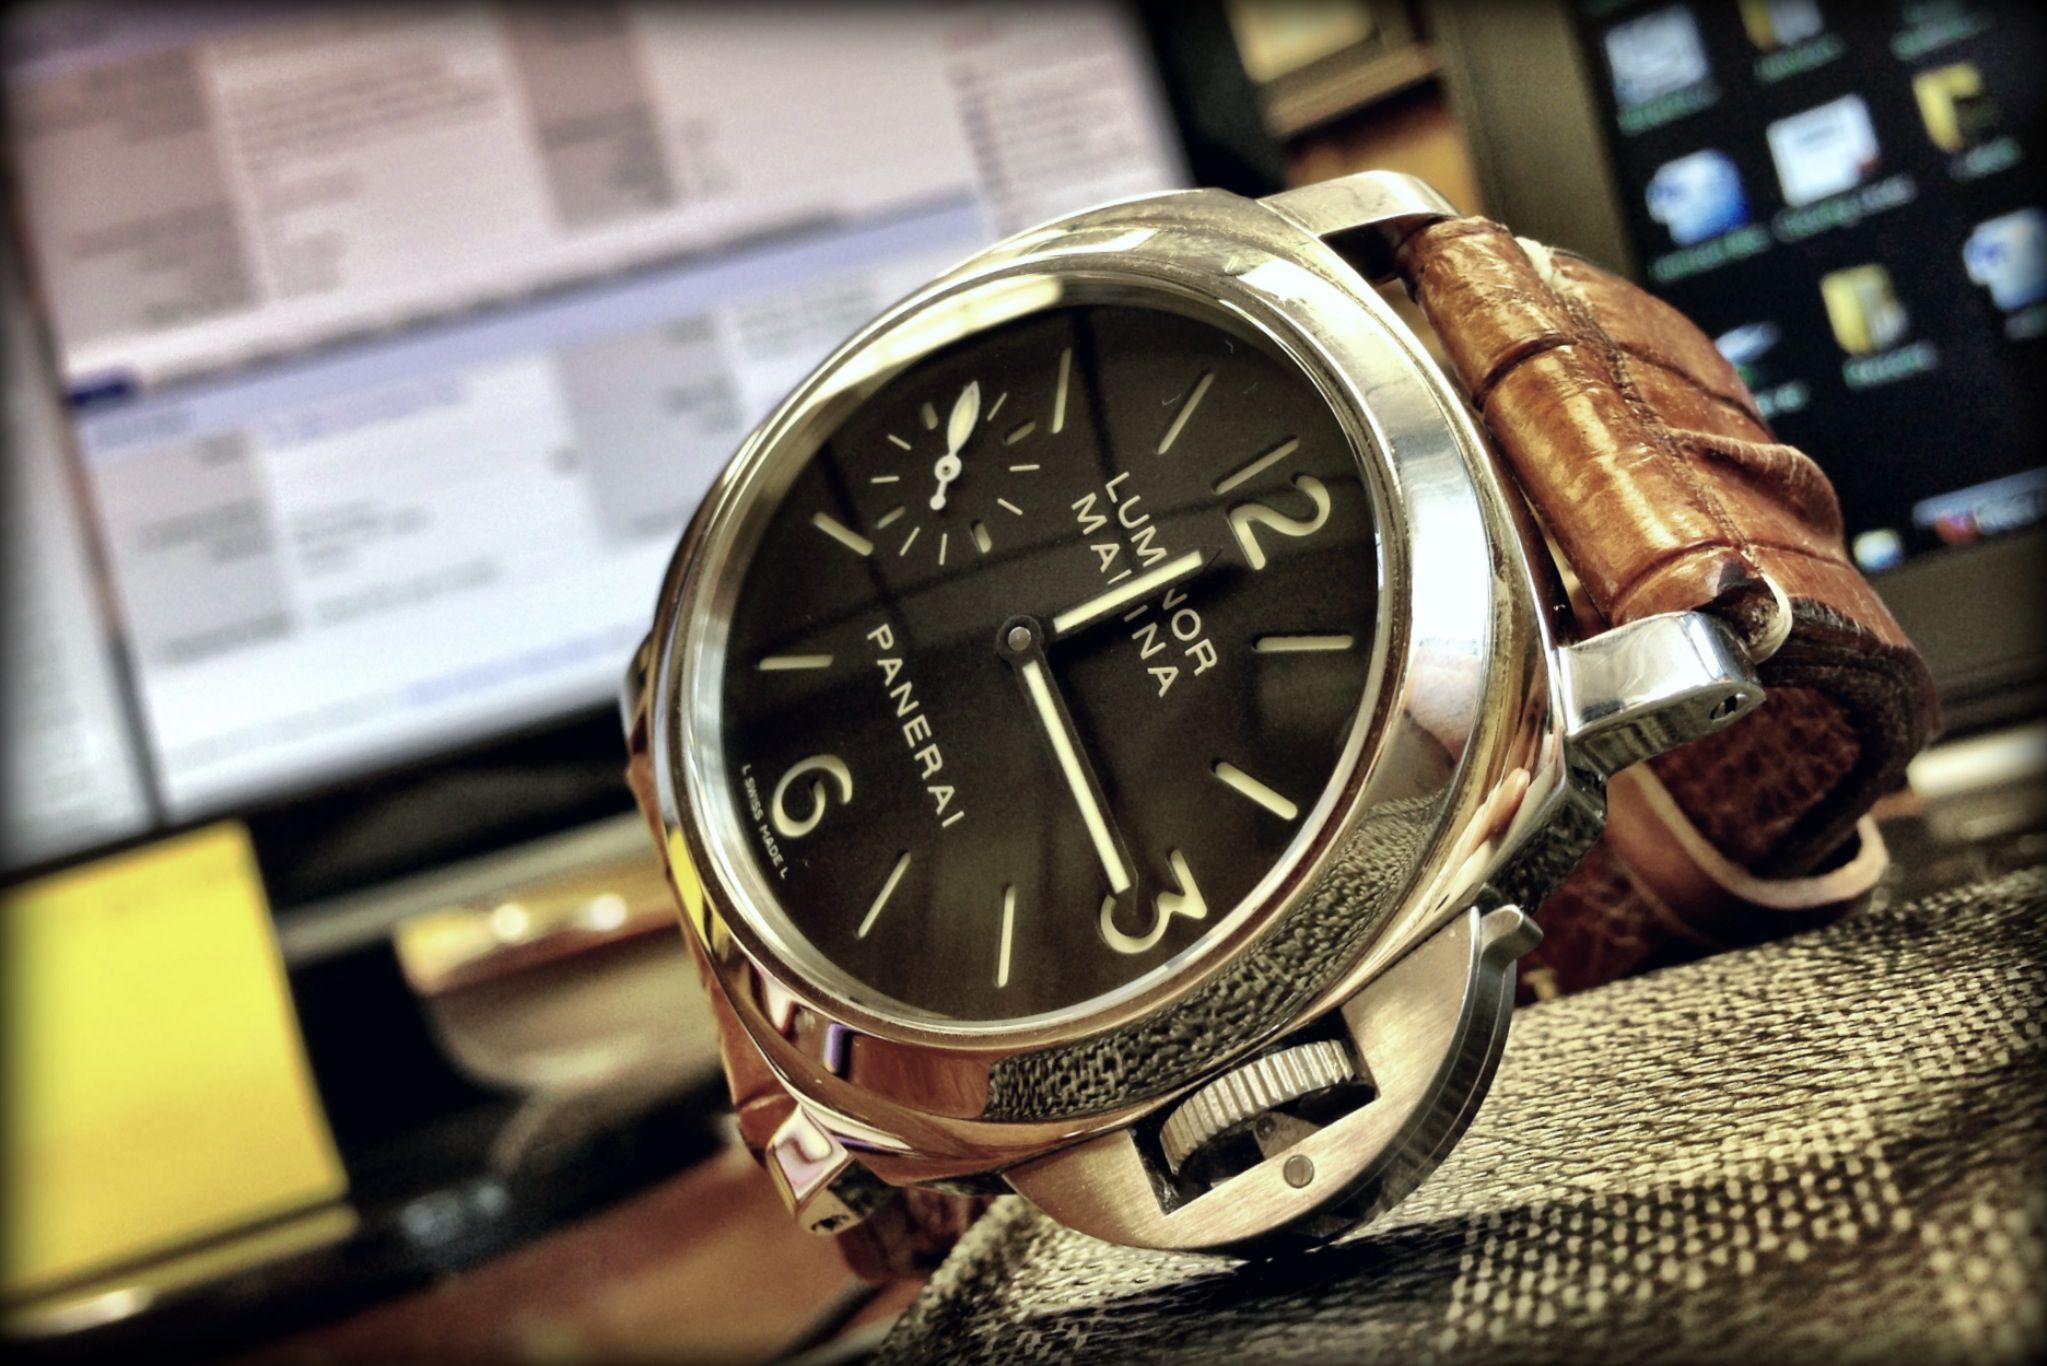 PAM 111 on Donerix Hornback Strap Männer uhren, Uhren